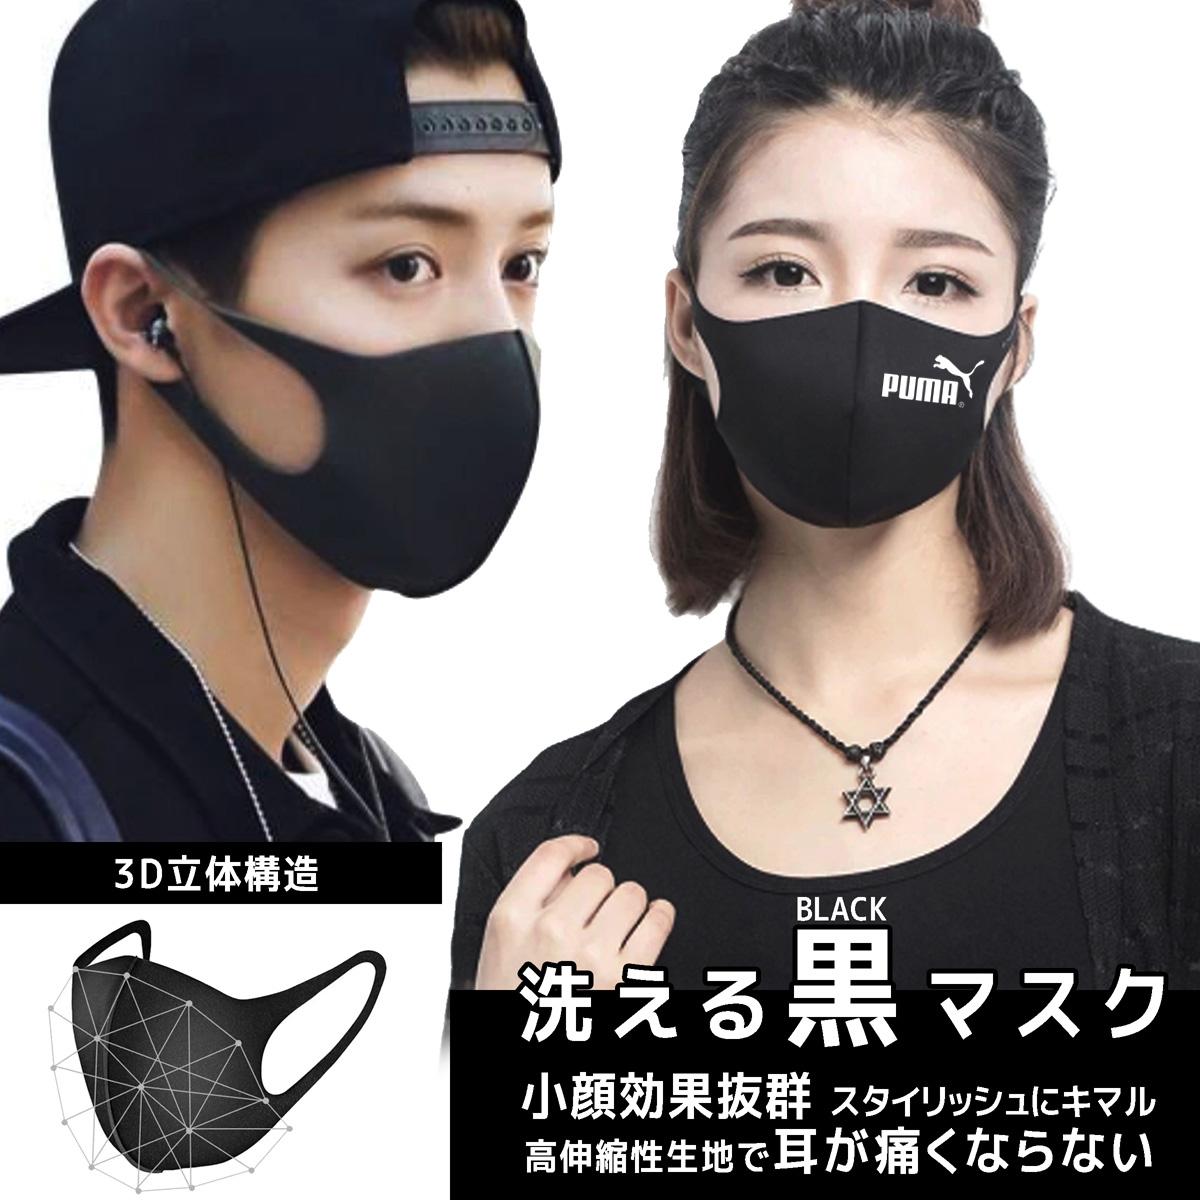 puma masks